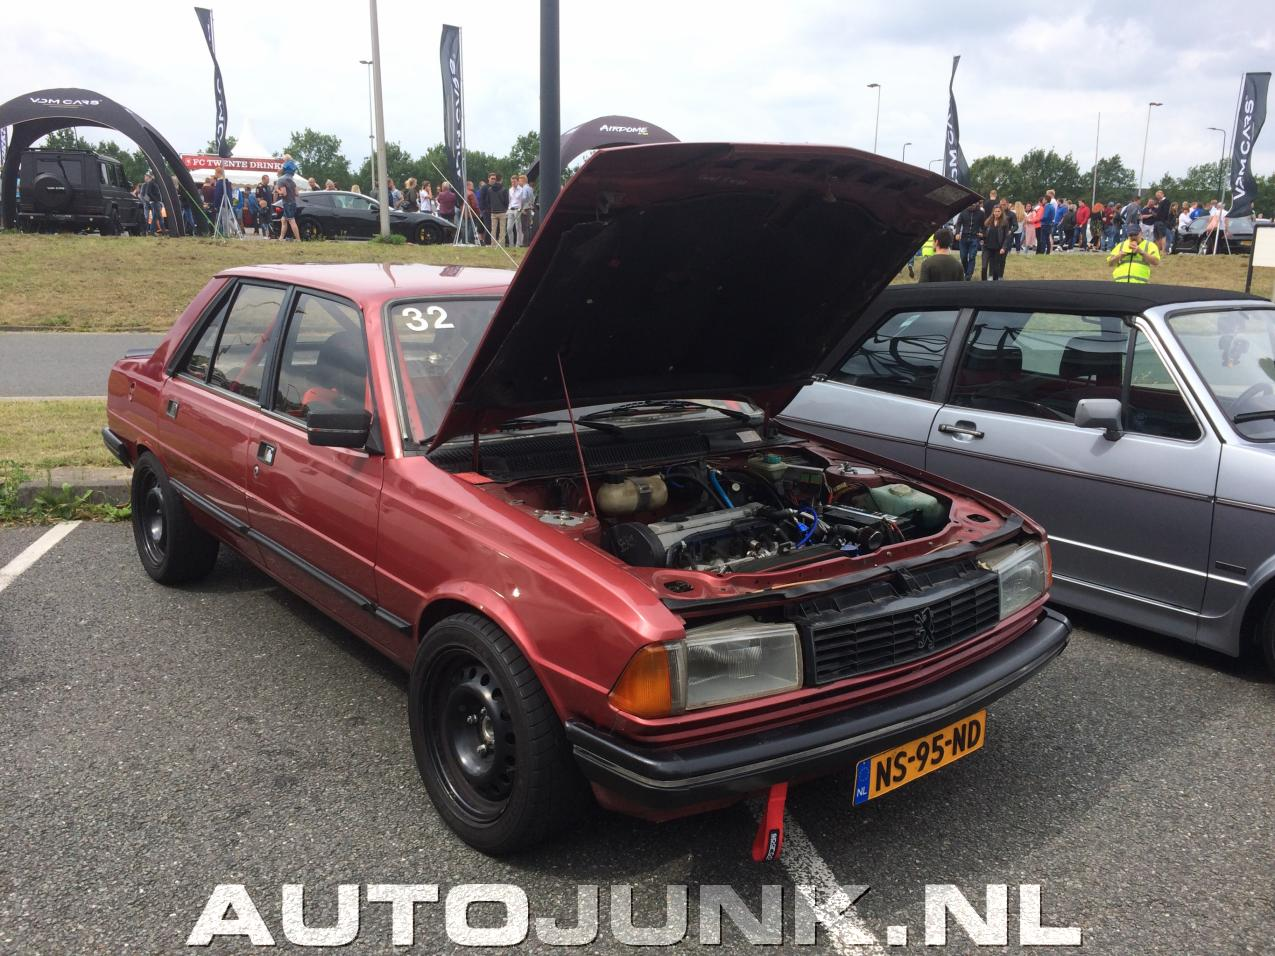 1985 Peugeot 305 Foto S Autojunk Nl 221601